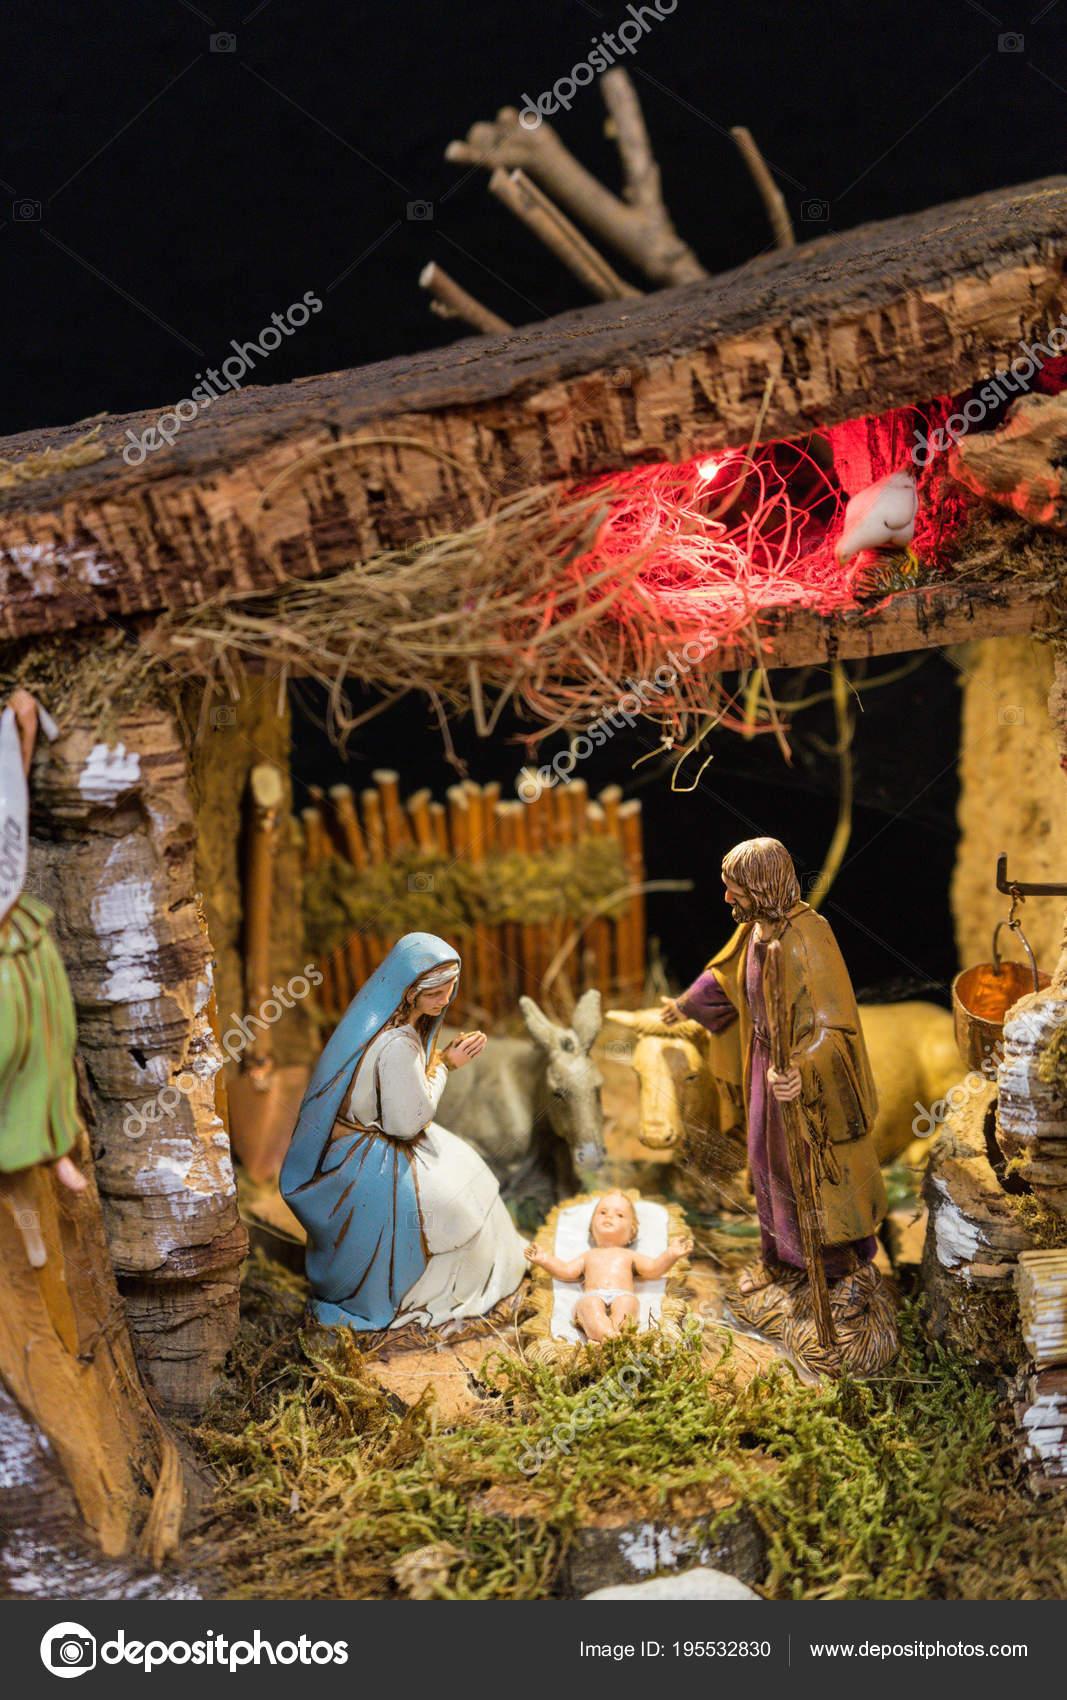 Fotos De El Pesebre De Jesus.Dibujo Sobre El Nacimiento Del Nino Jesus Nacimiento Con